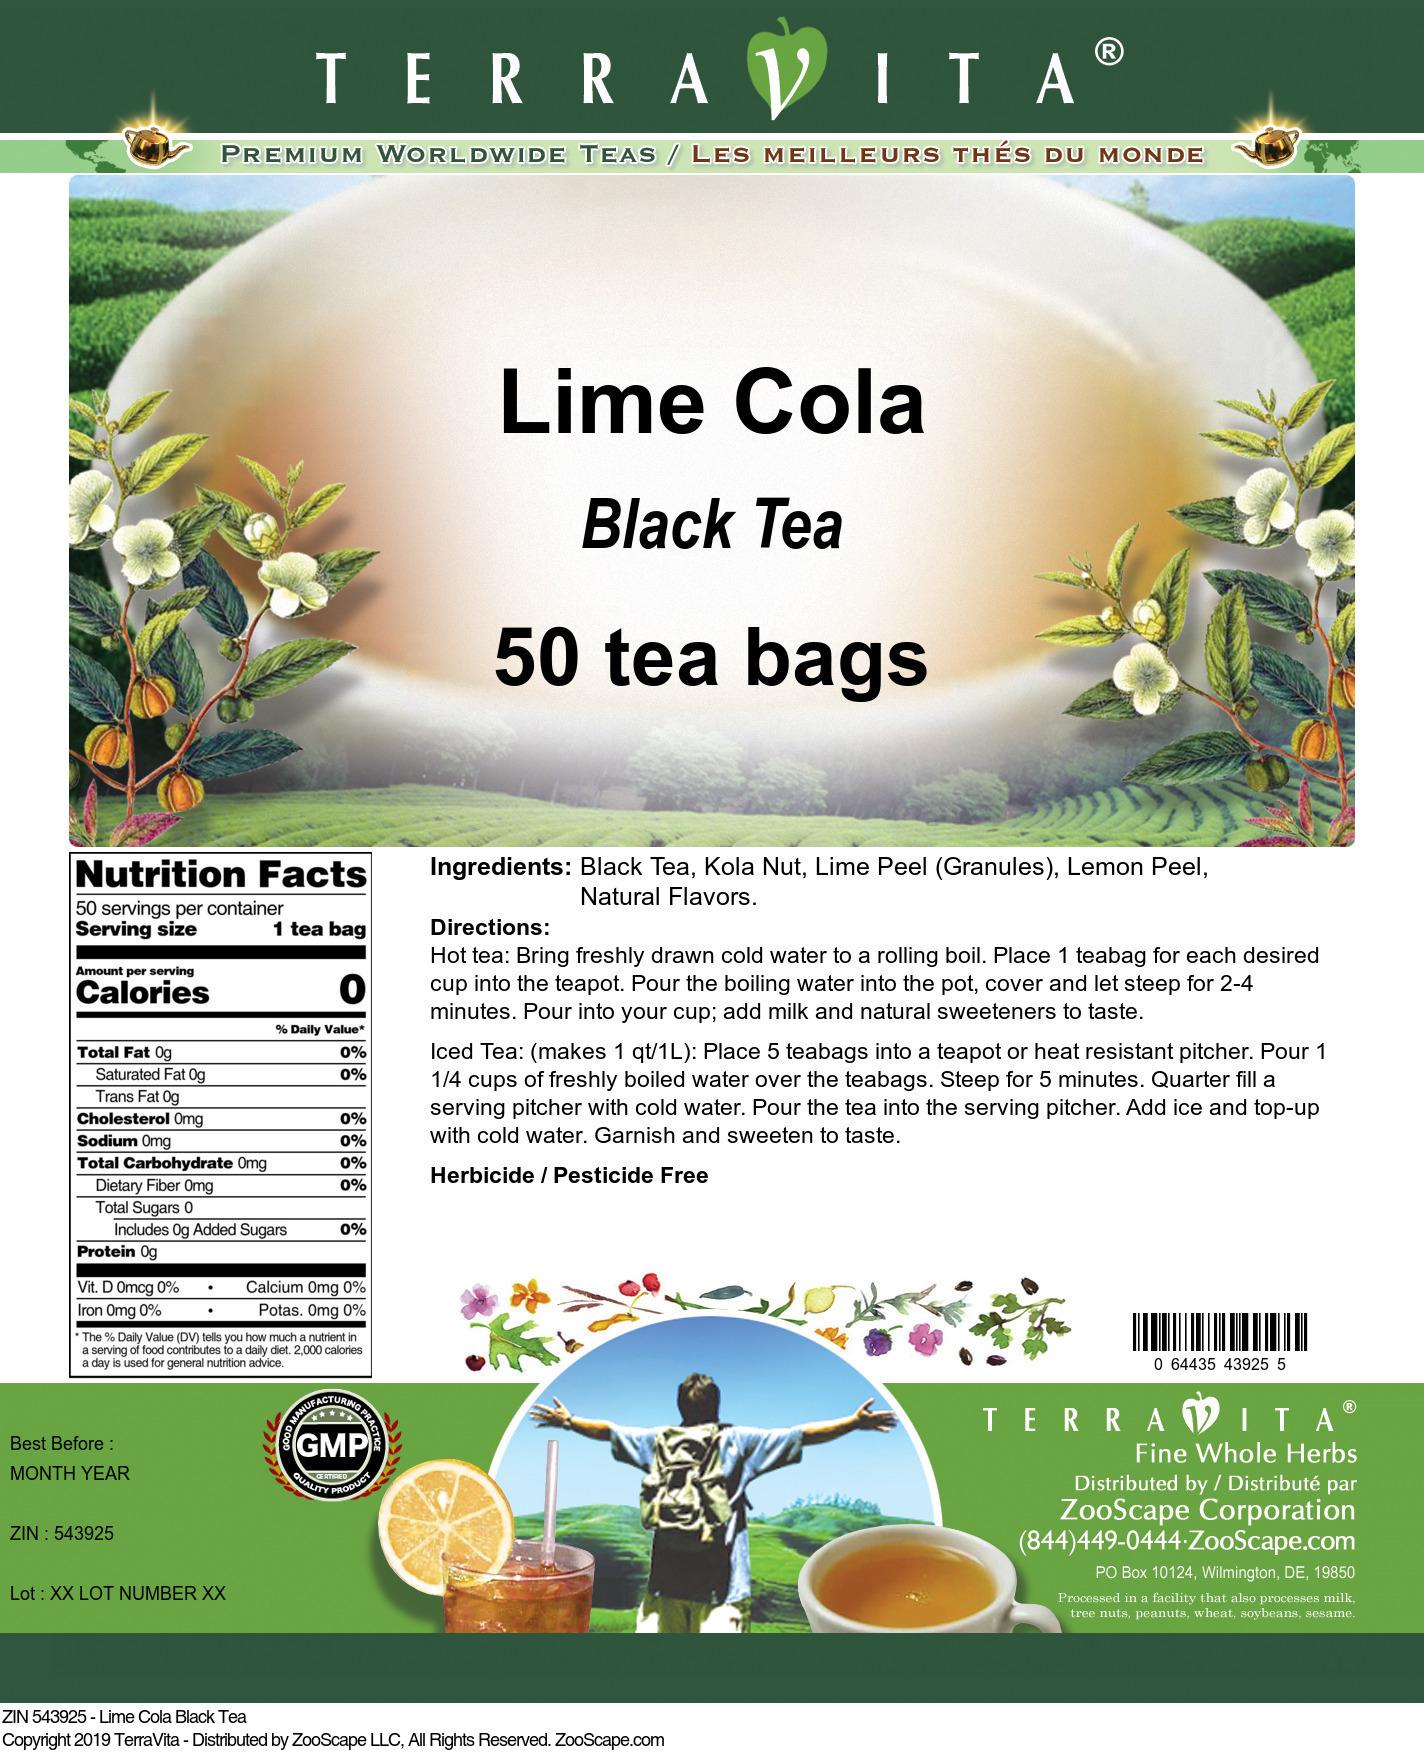 Lime Cola Black Tea